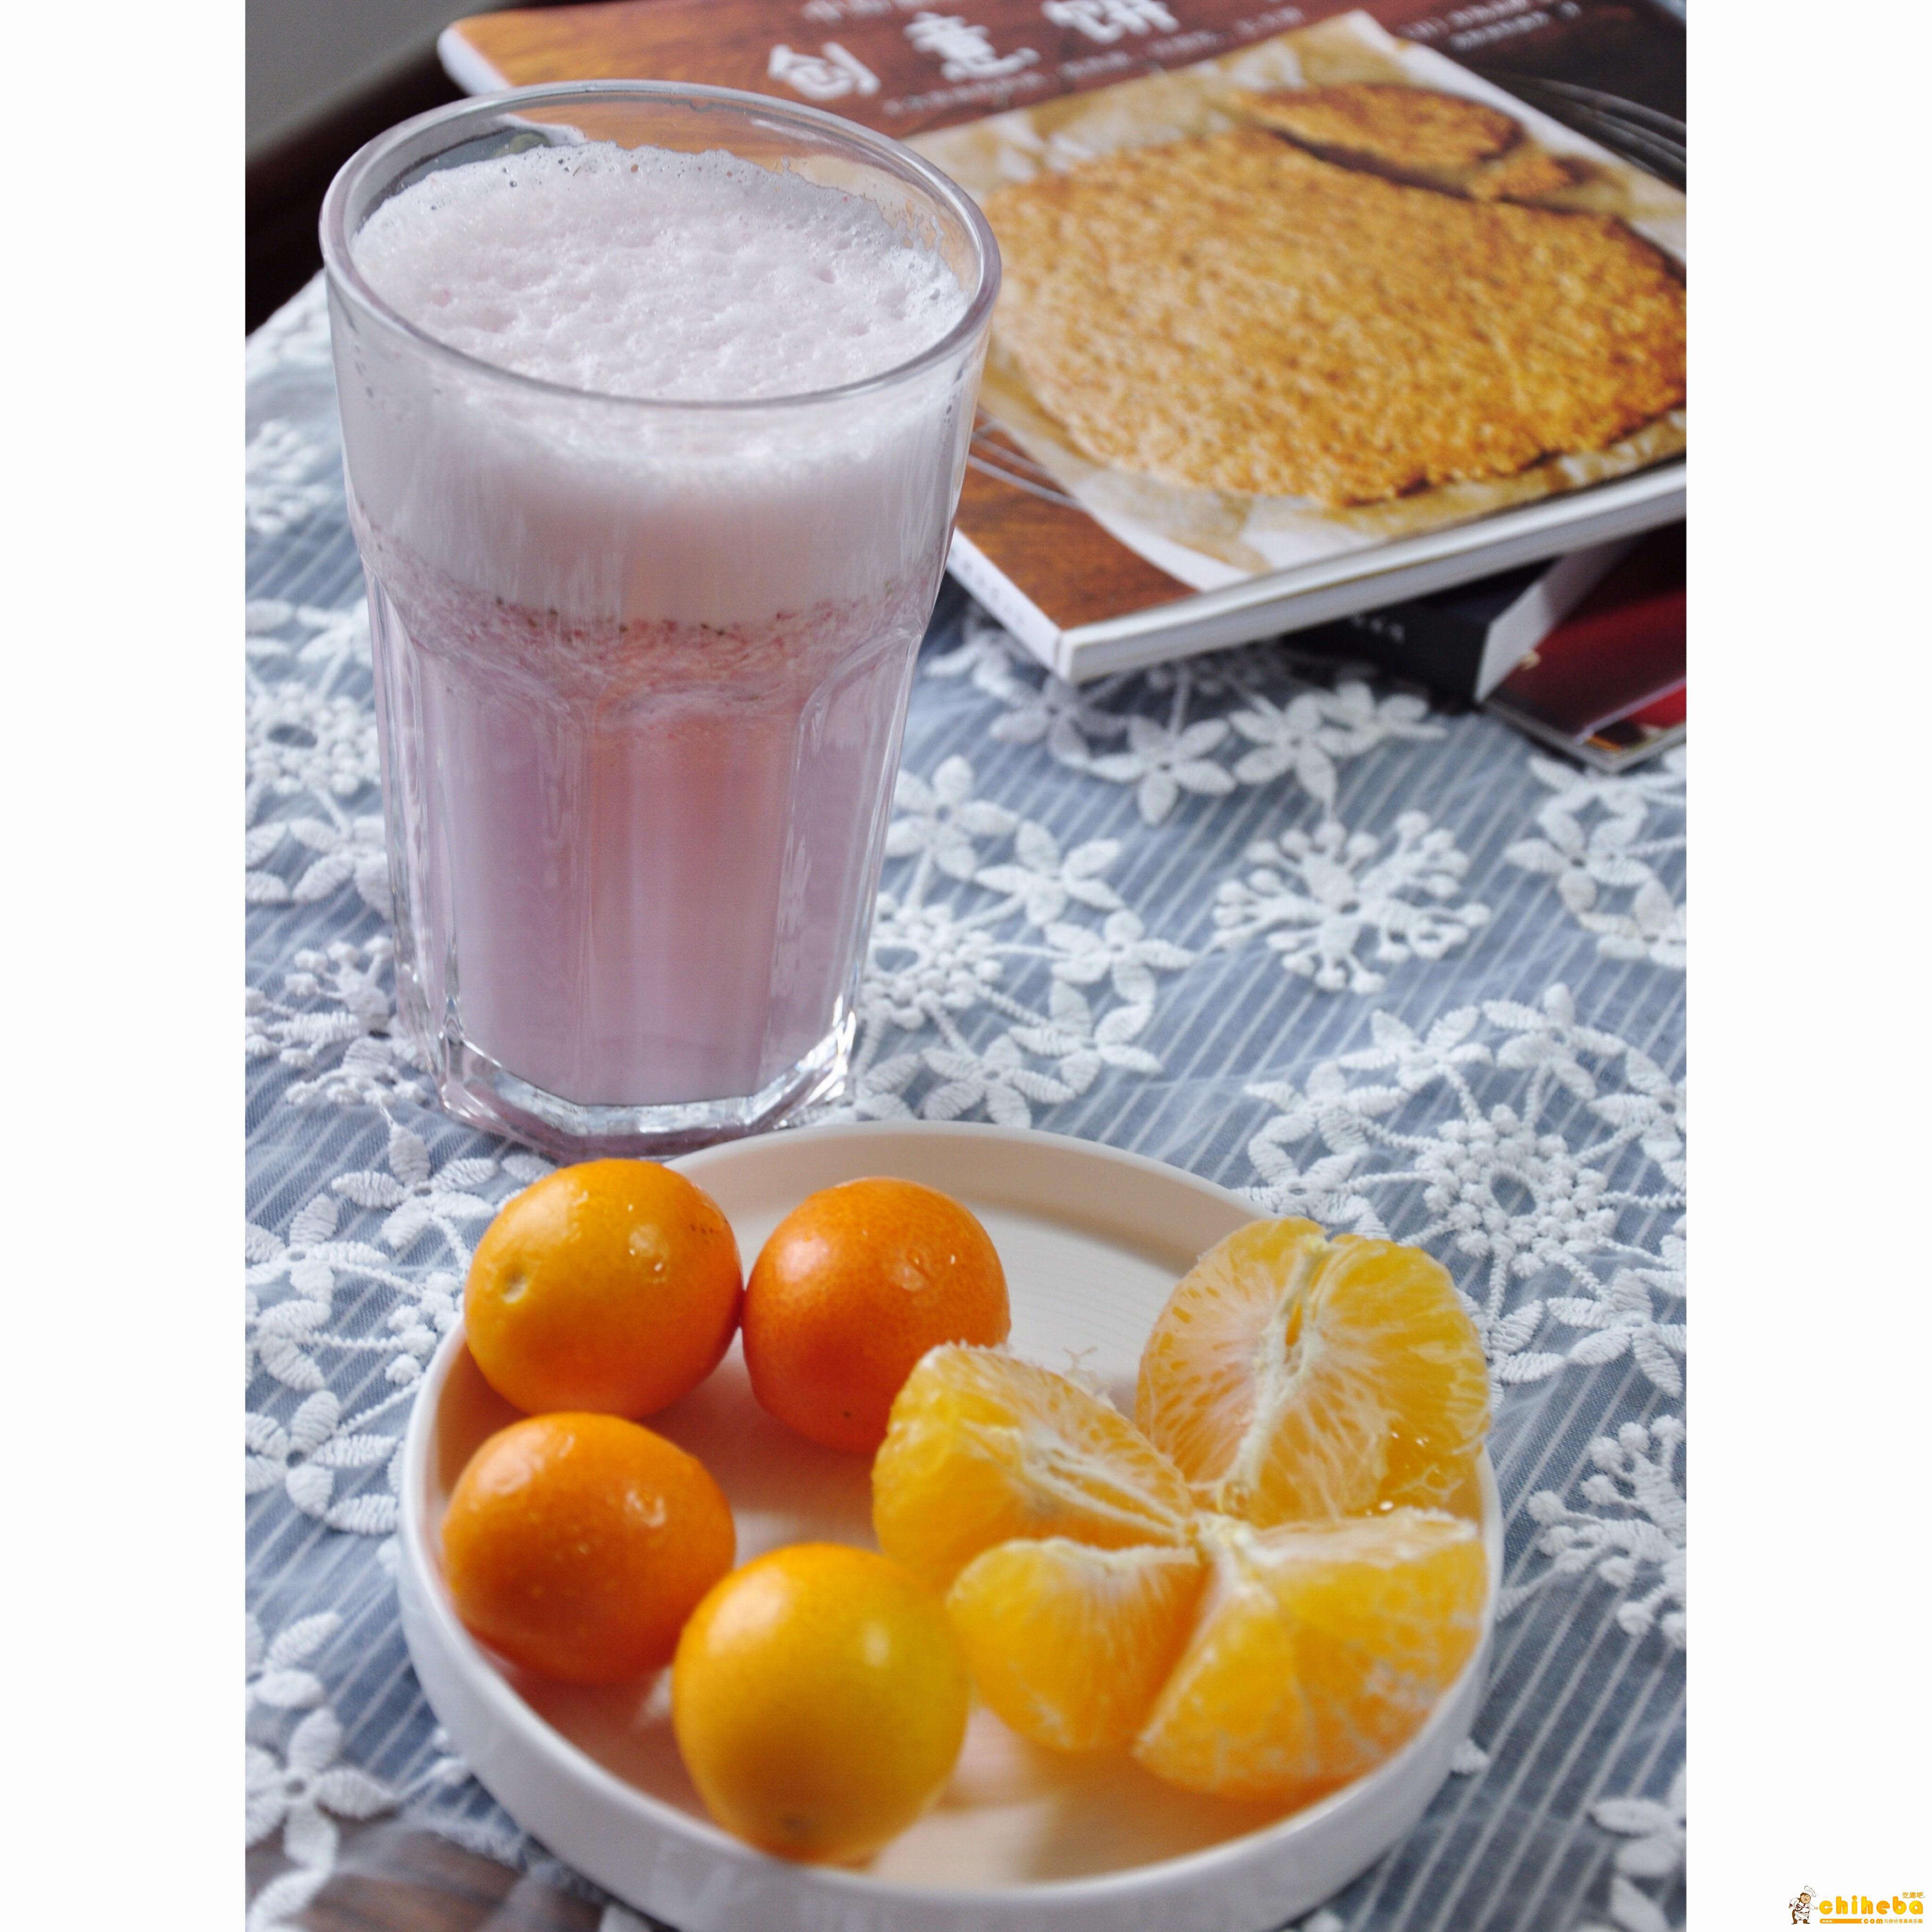 藤井香江的健康减肥果蔬汁的做法 步骤4